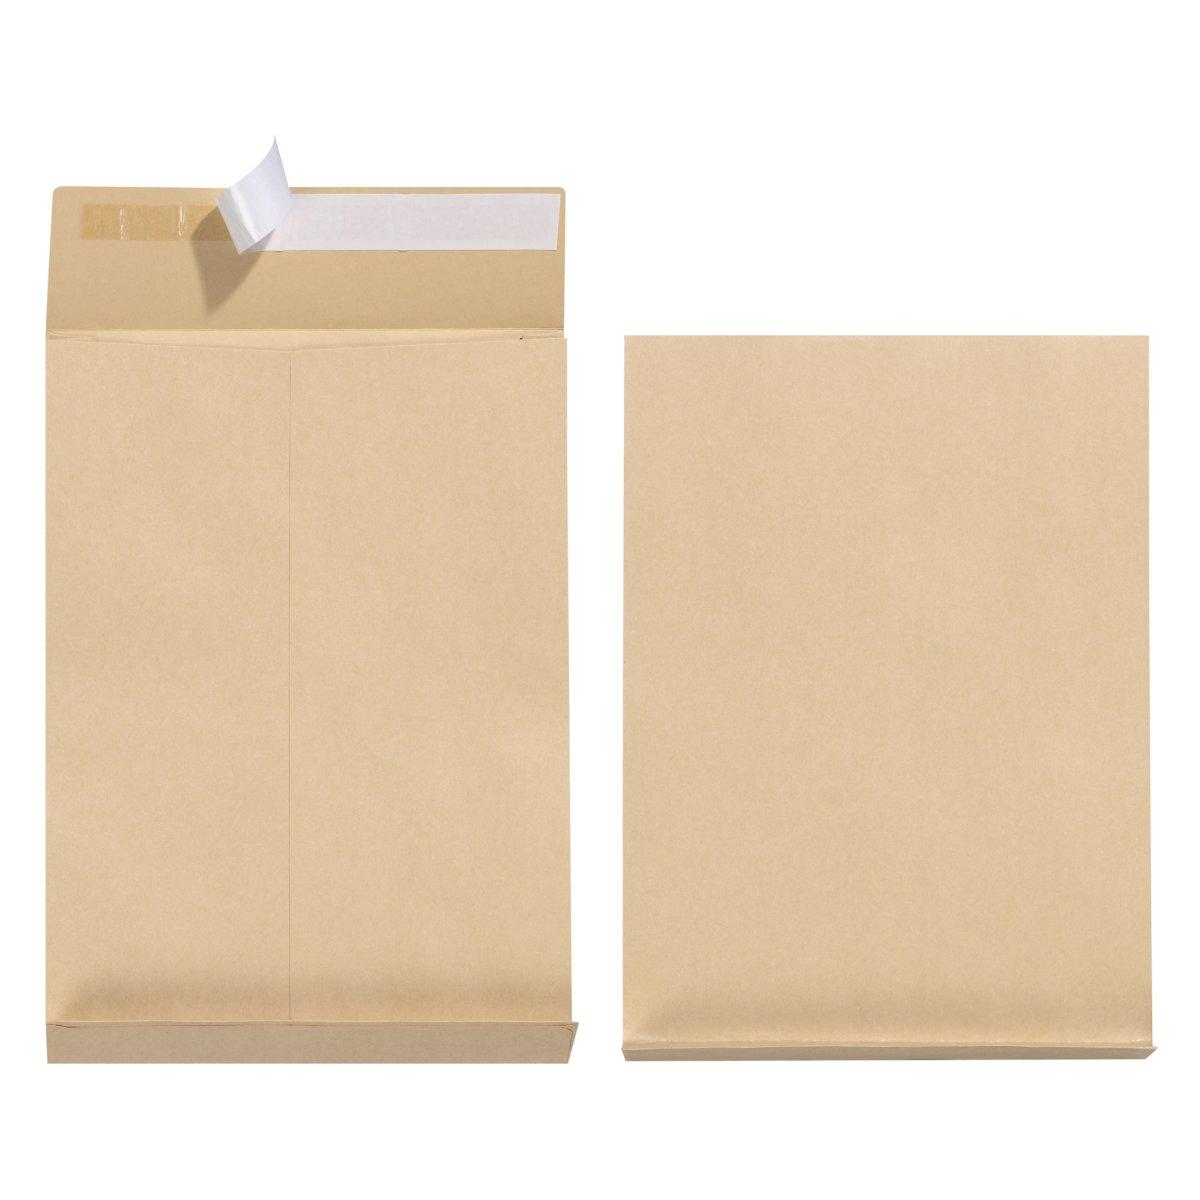 Vorschau: Herlitz 11290012 - C4 (229 x 324 mm) - Papier - Braun - 130 g/m² - 229 mm - 32,4 cm